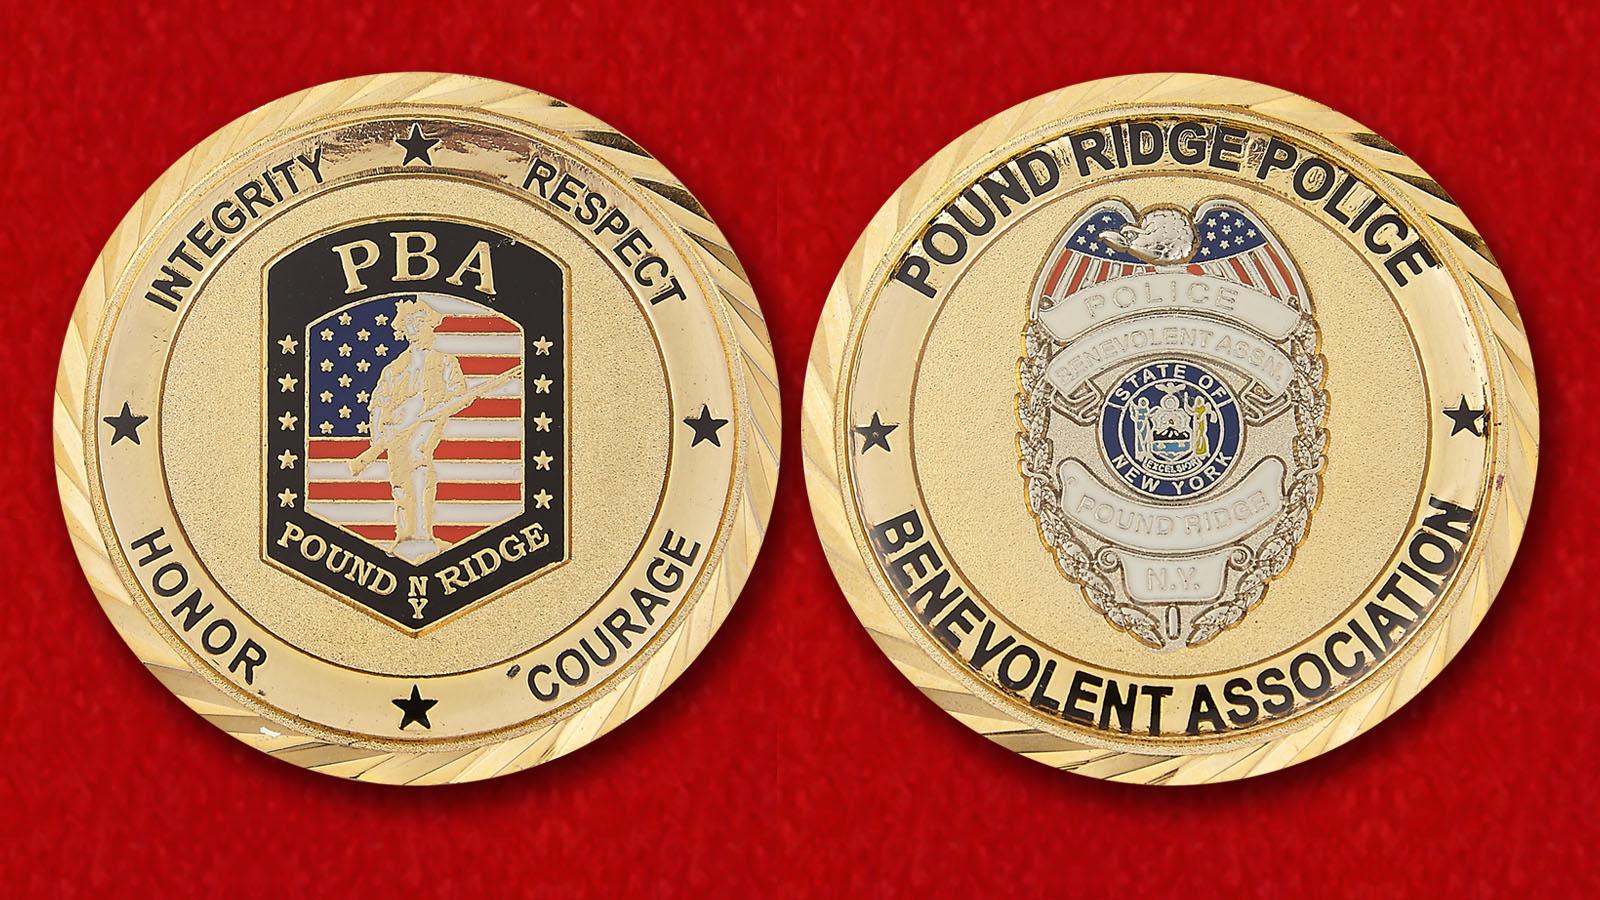 Челлендж коин Благотворительной организации полиции Паунд Ридж - аверс и реверс